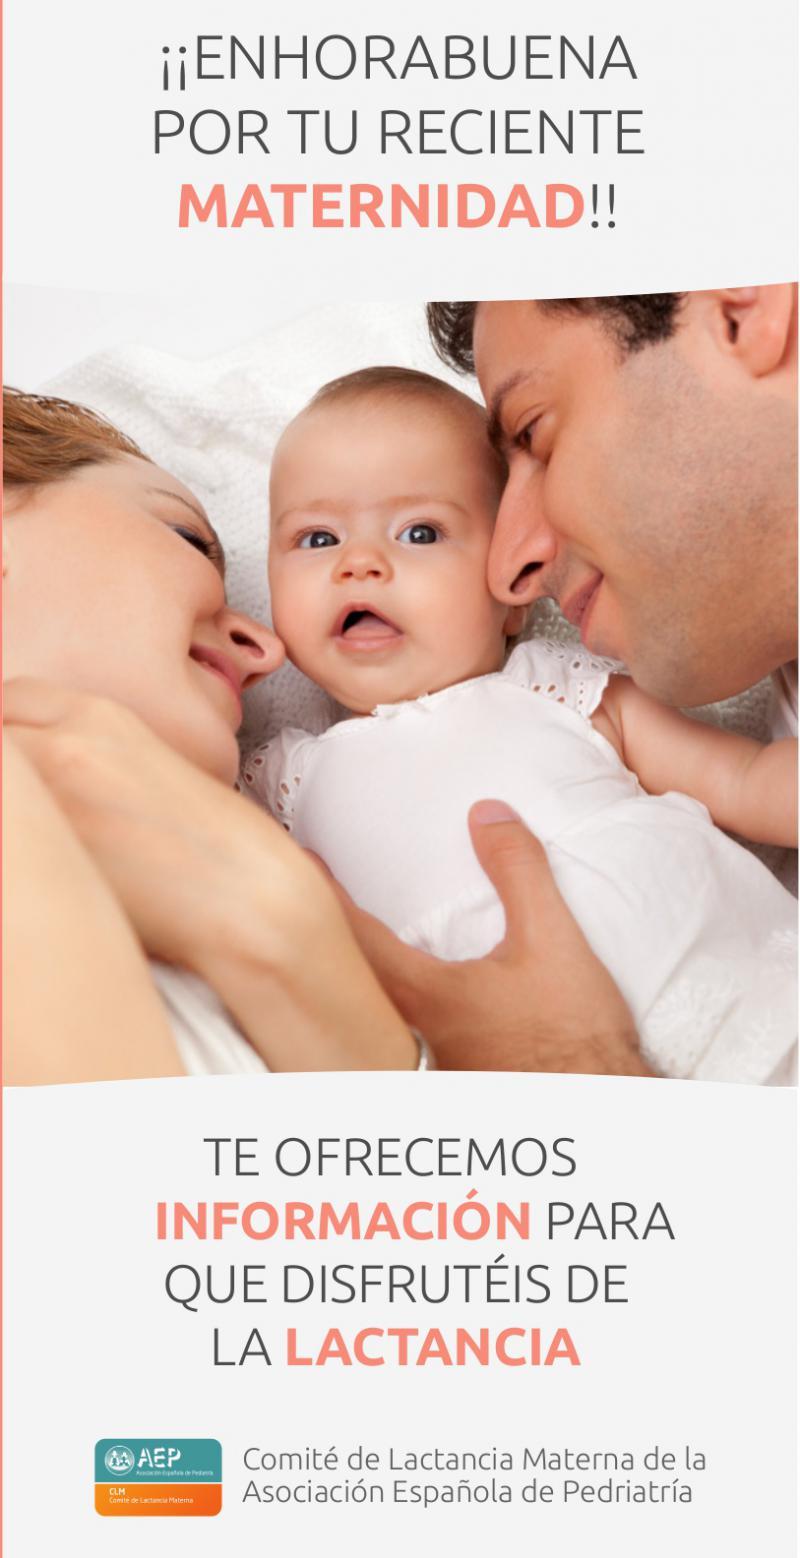 Iniciar la lactancia materna